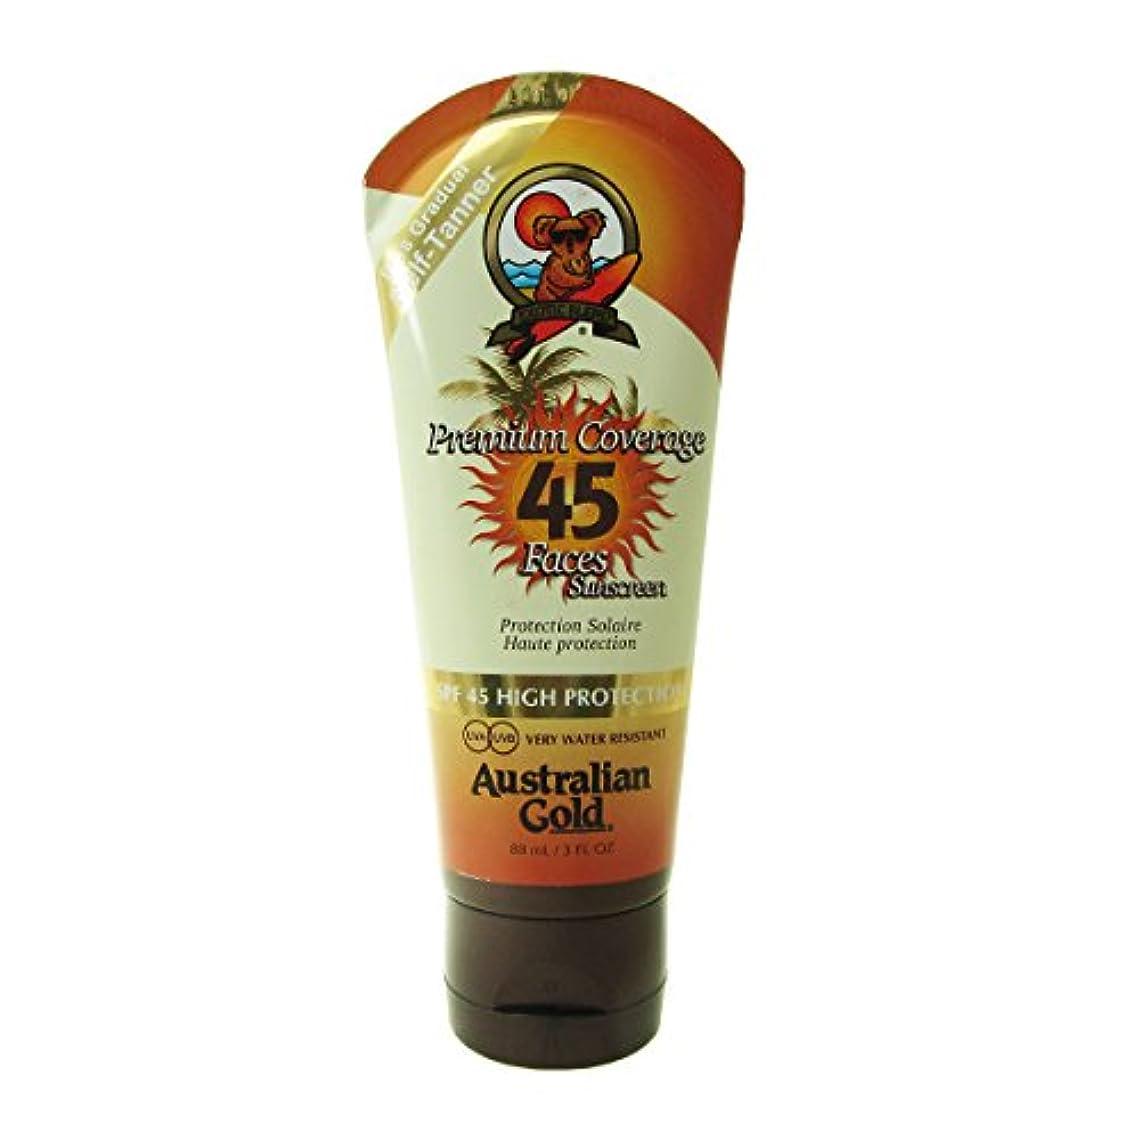 まつげピストル雇ったAustralian Gold Sunscreen Spf 45 With Self-tanner 88ml [並行輸入品]